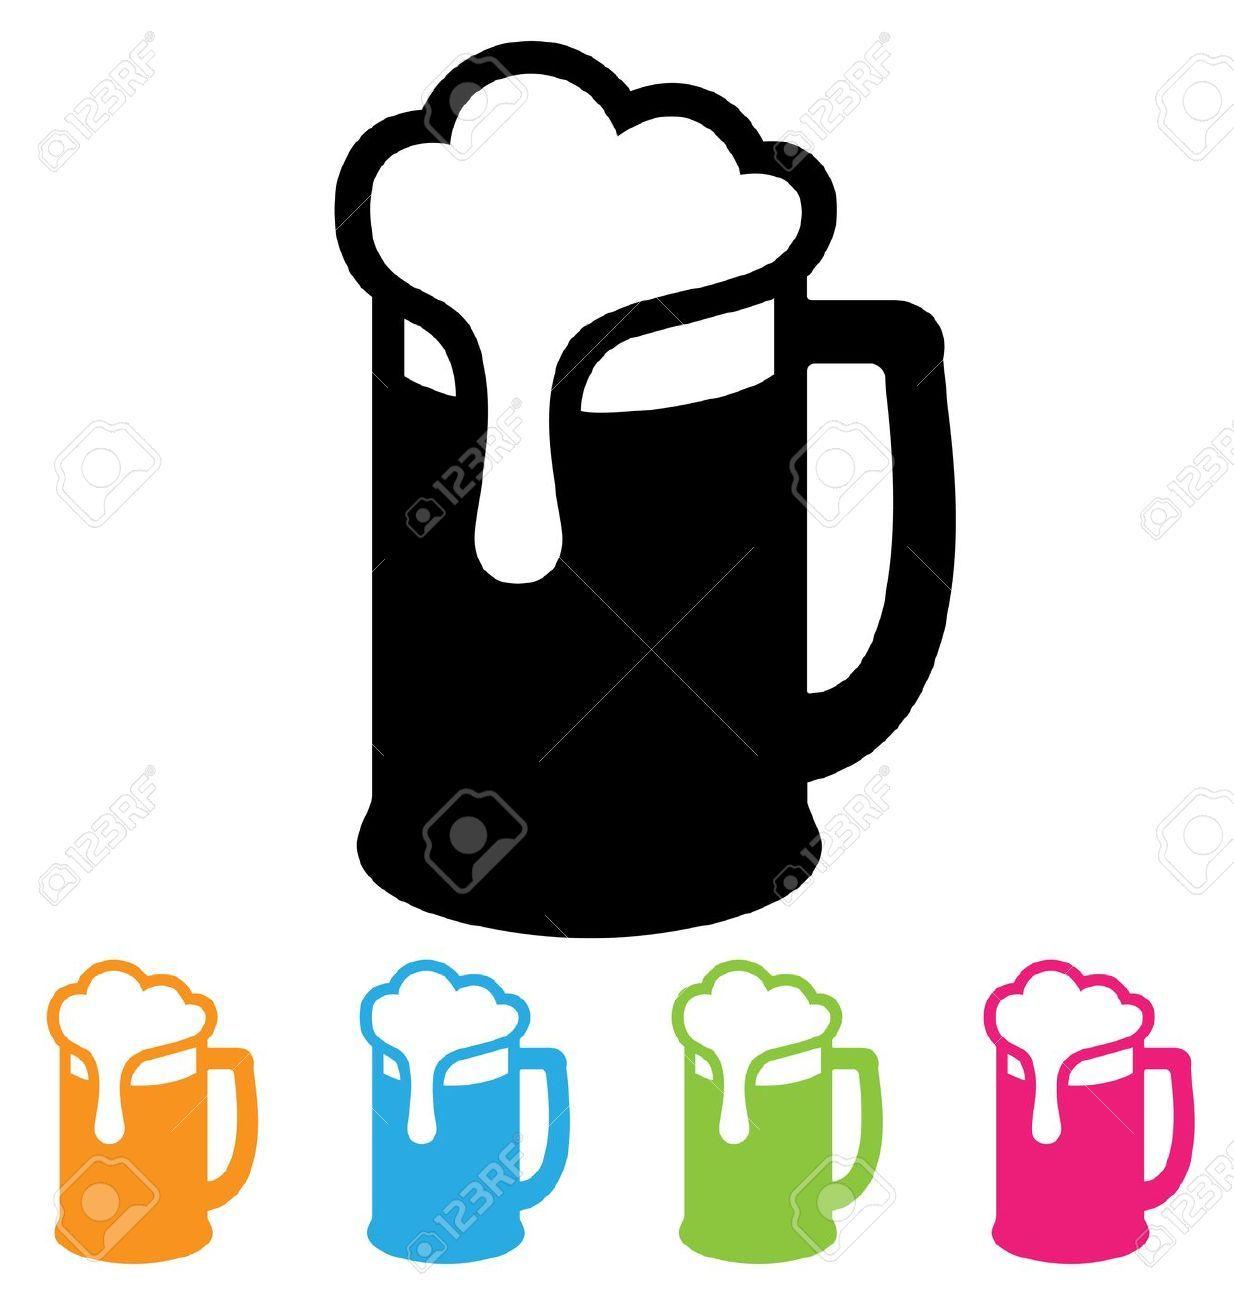 Beer Mug Cliparts Stock Vector And Royalty Free Beer Mug